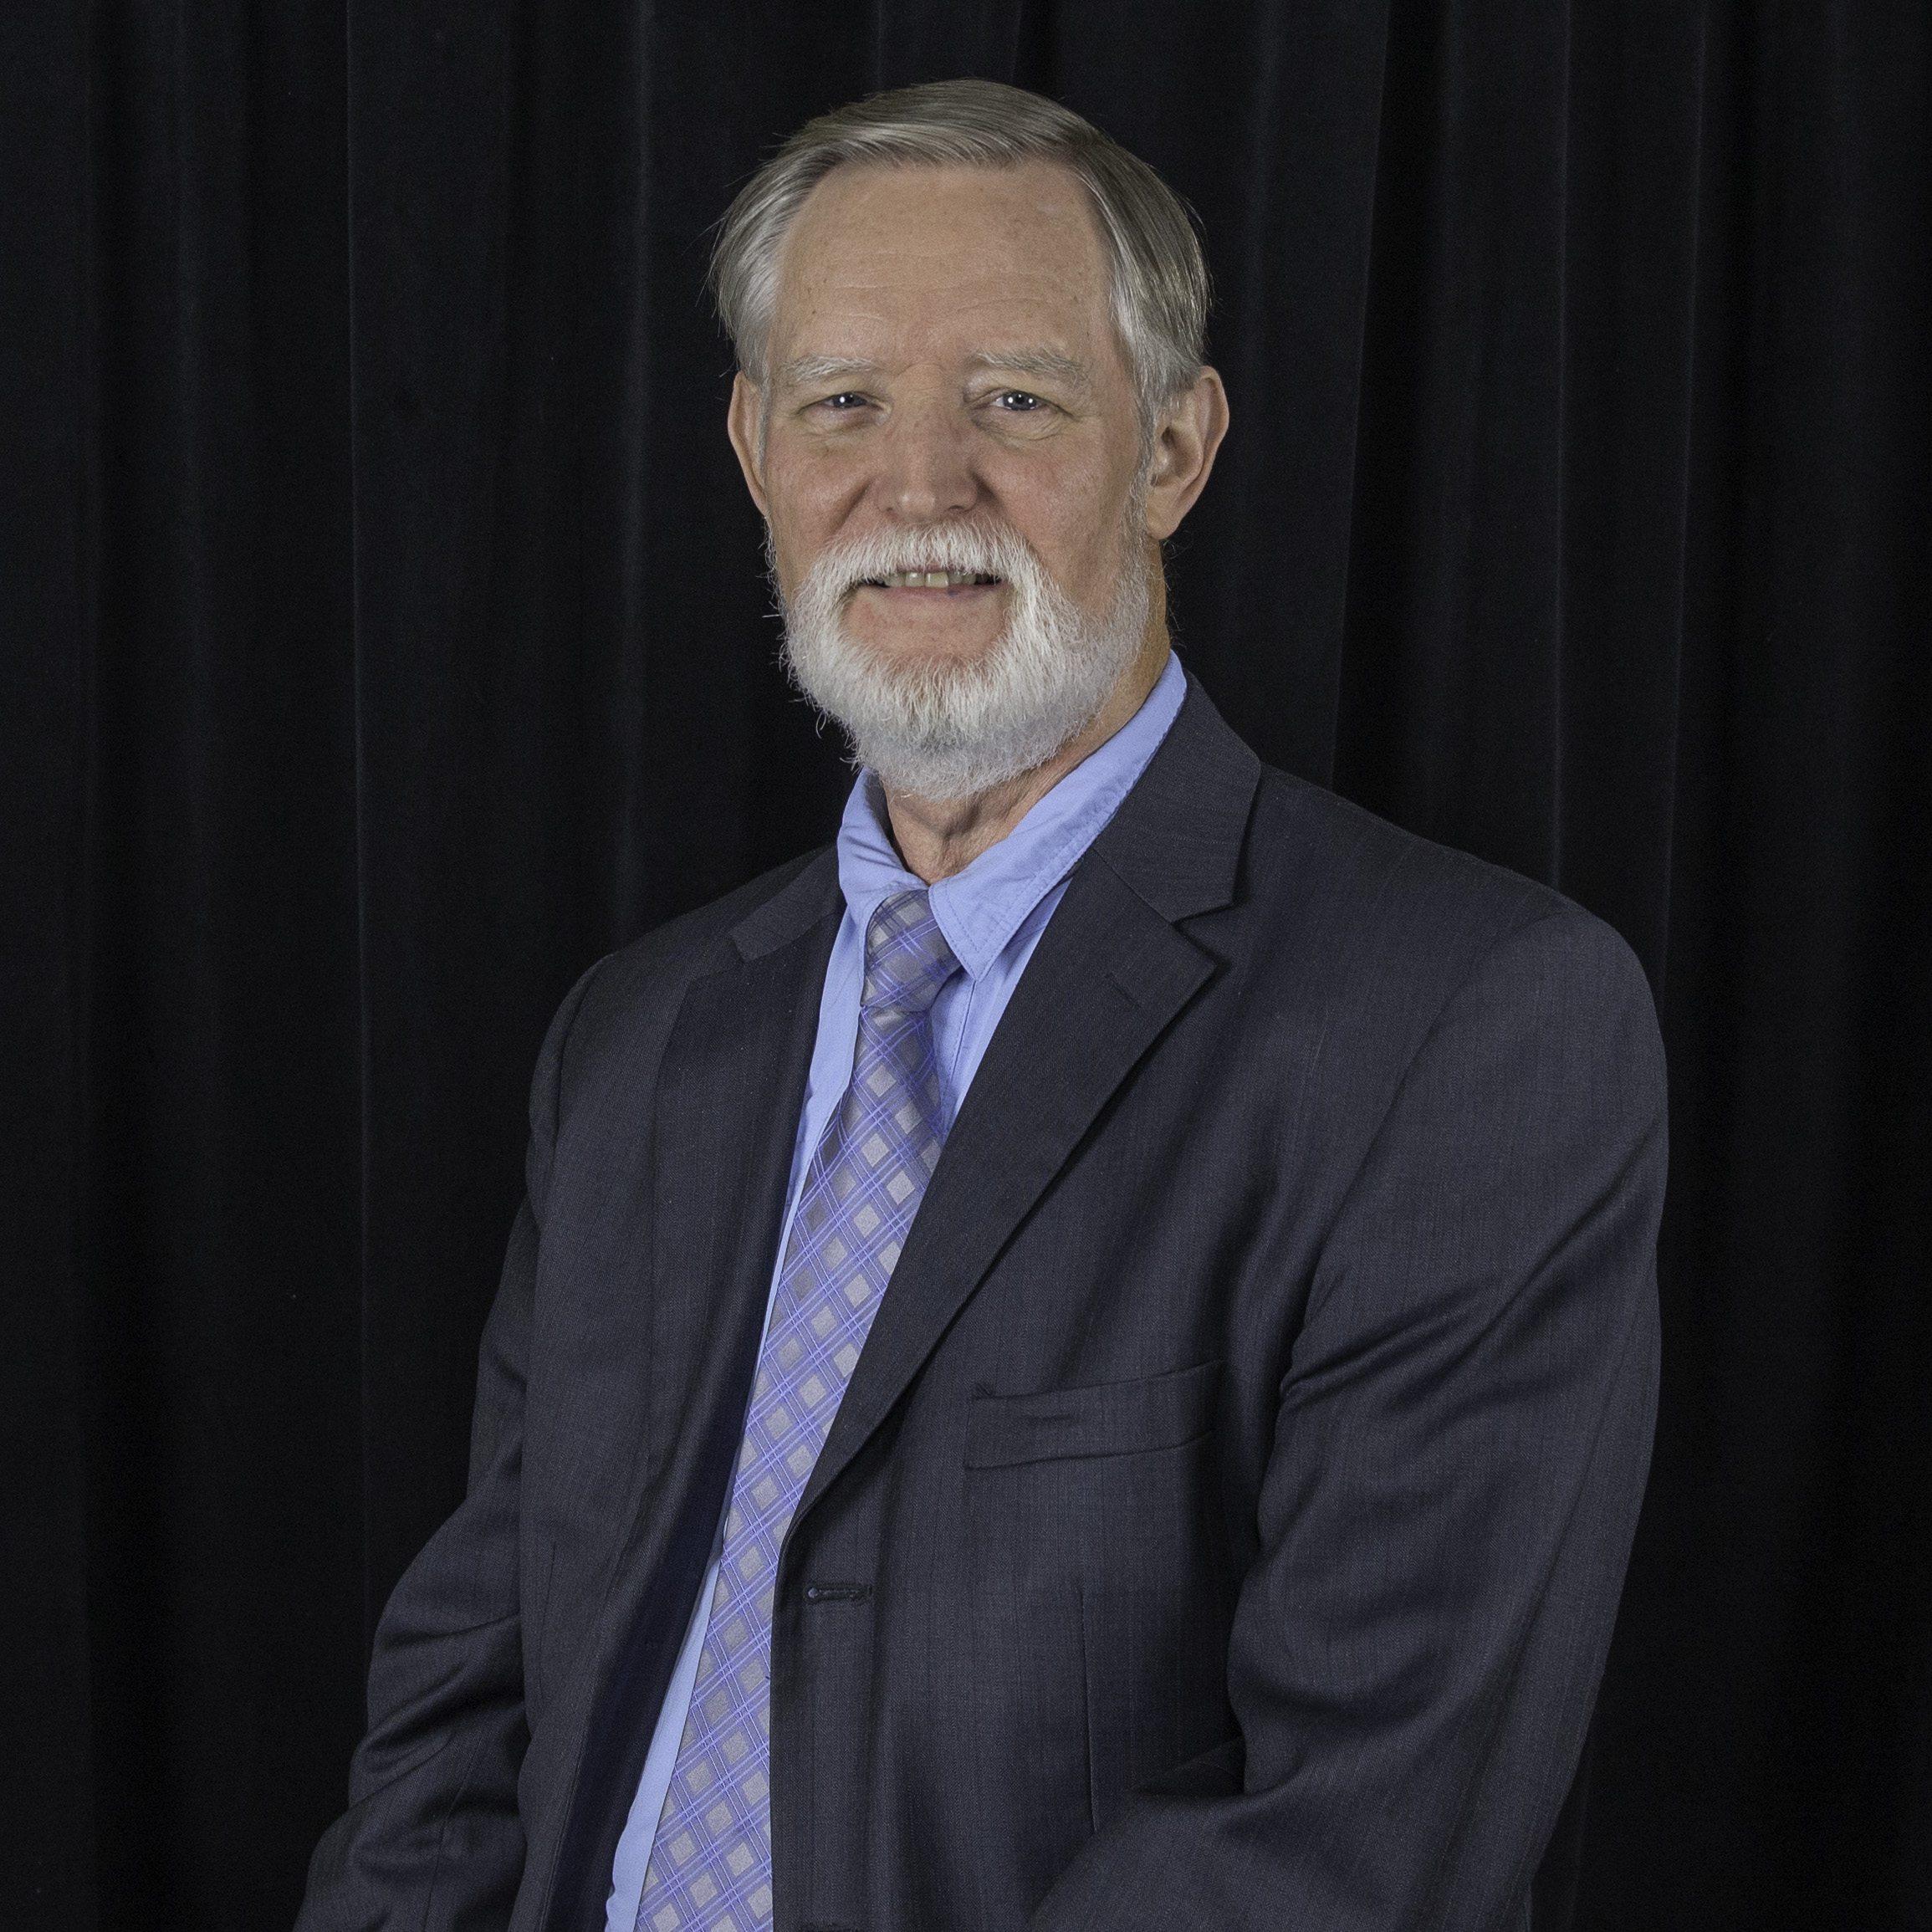 Michael A. Grant